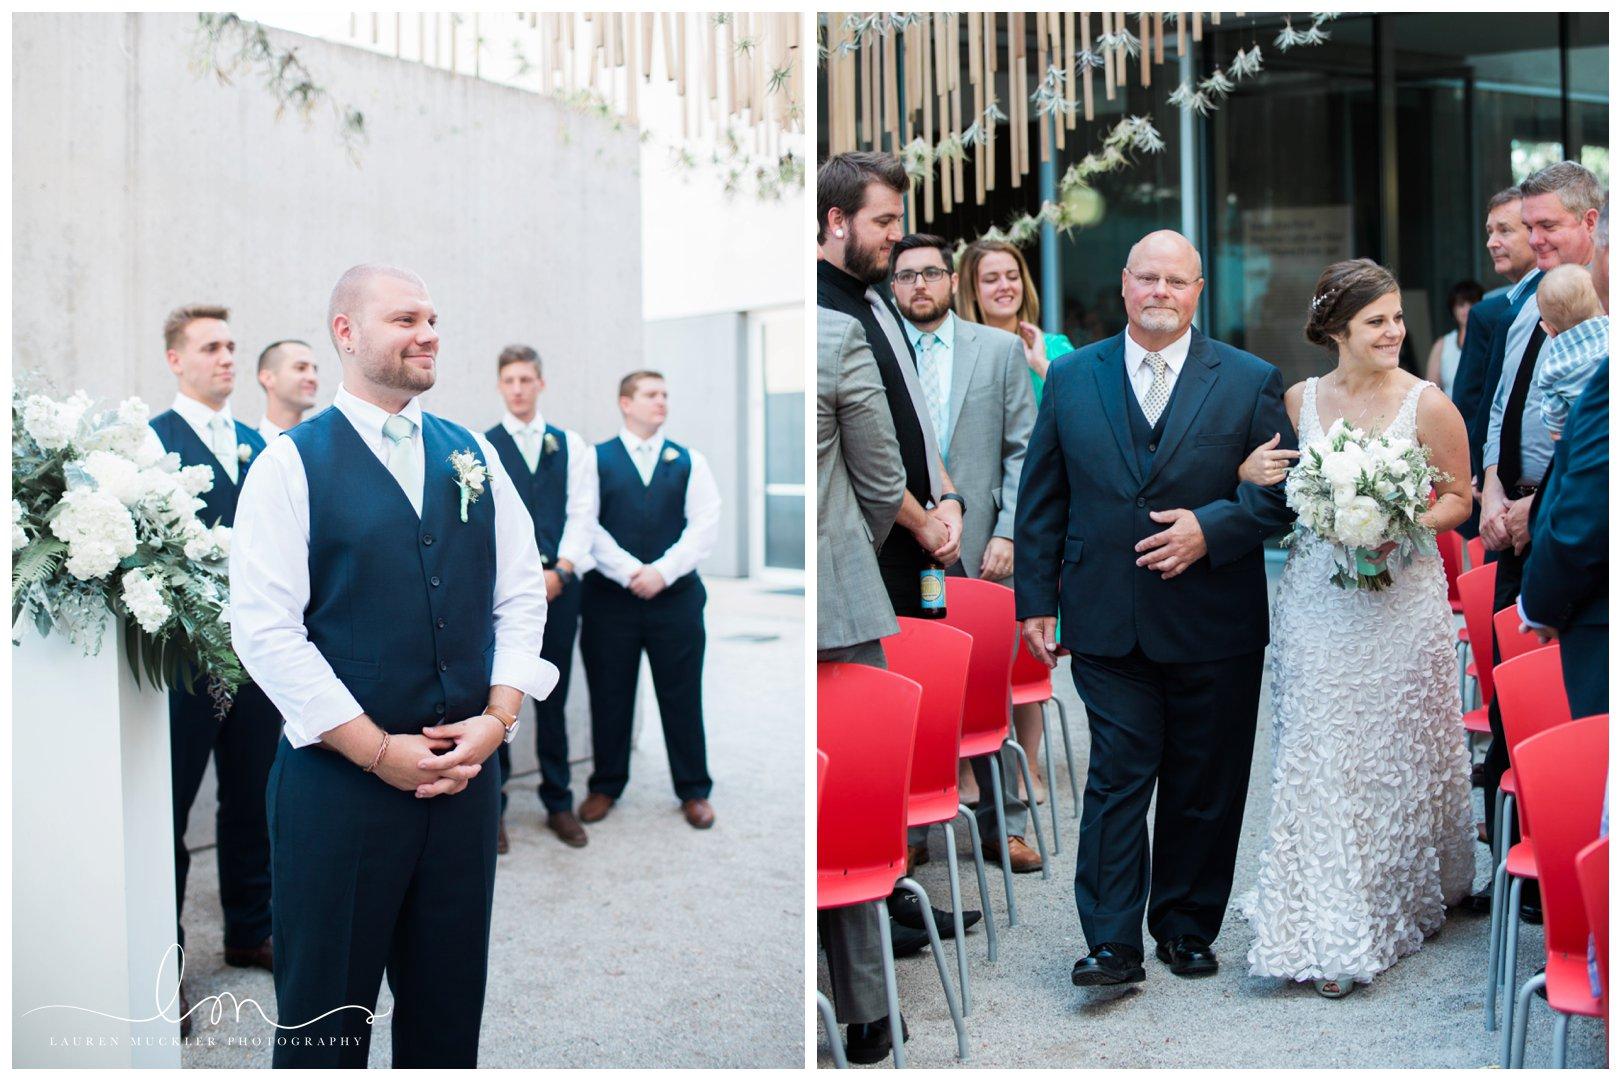 lauren muckler photography_fine art film wedding photography_st louis_photography_0562.jpg